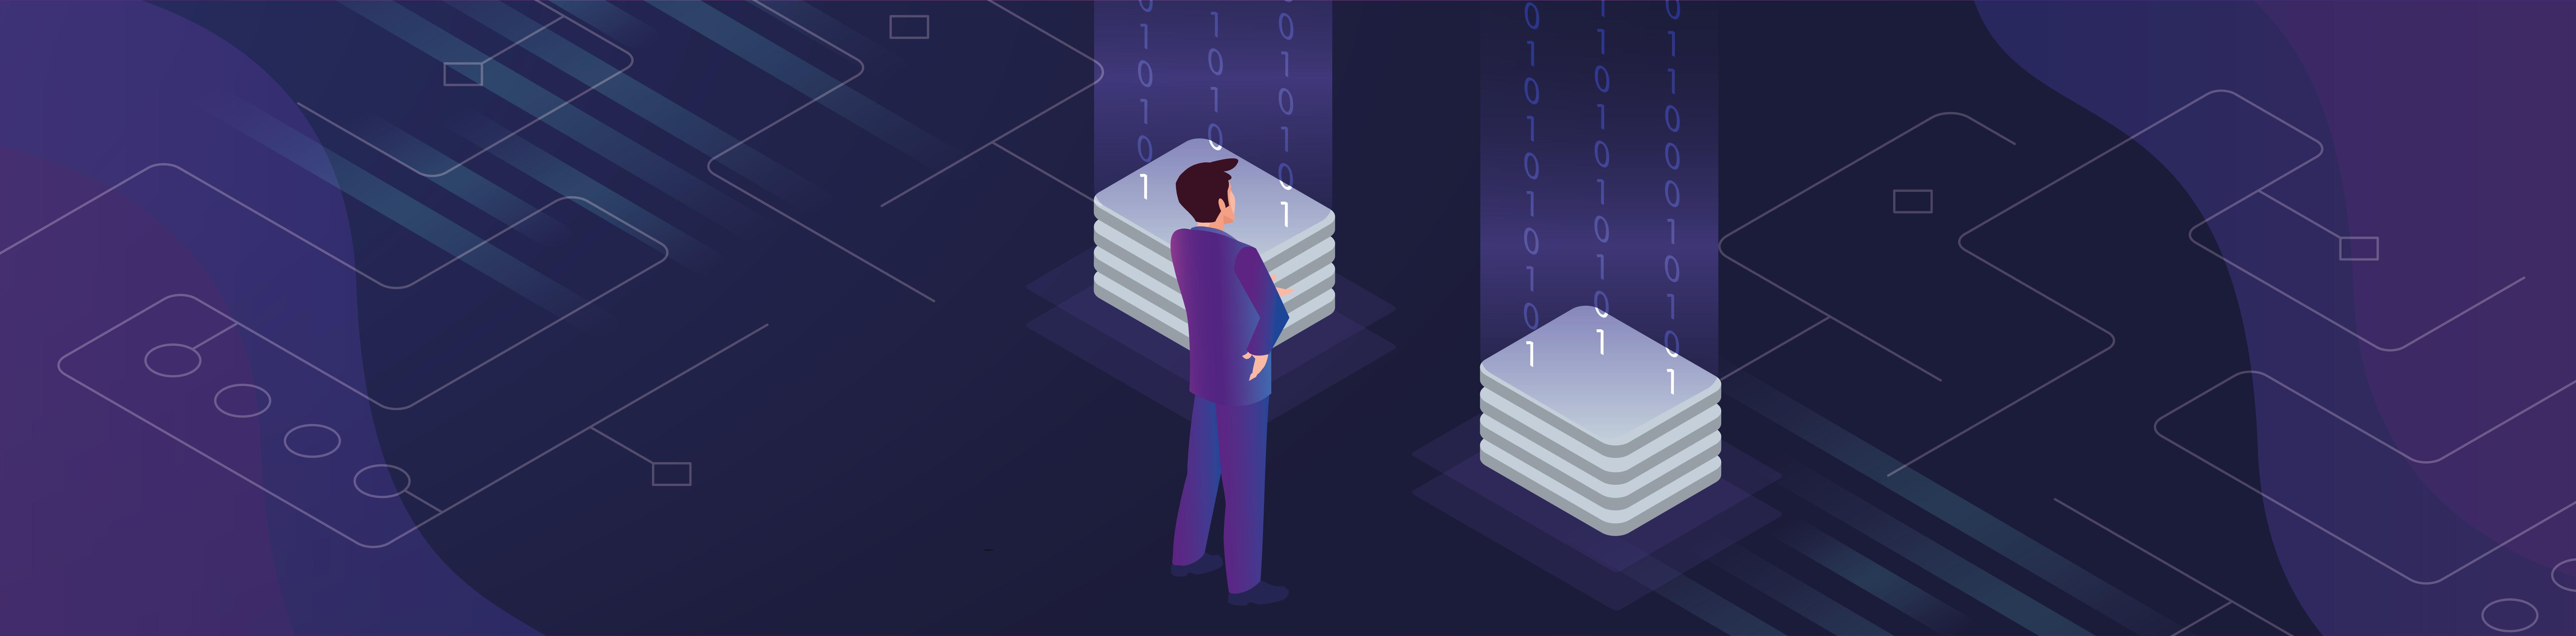 Как автоматизировать бизнес: какую систему выбрать, с чего начать, альтернативы ERP системам